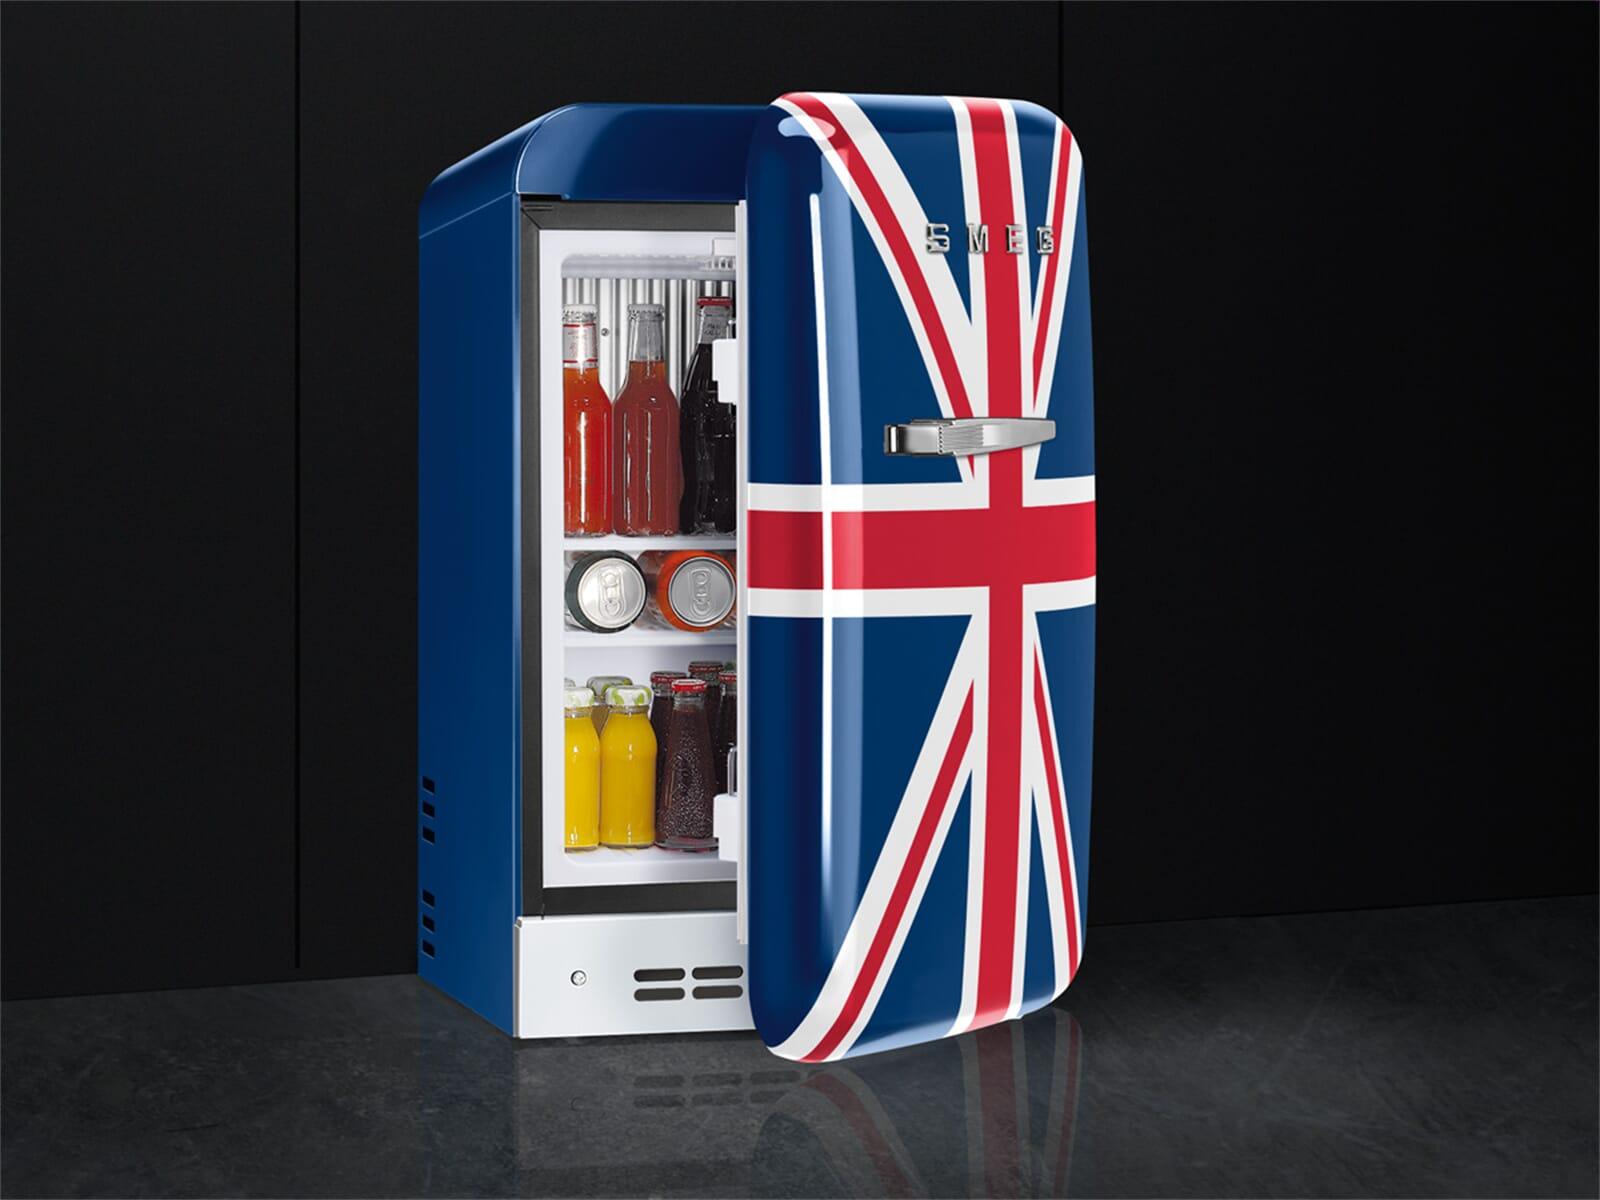 Retro Kühlschrank Union Jack : Smeg kühlschrank union jack der smeg kühlschrank eine designikone